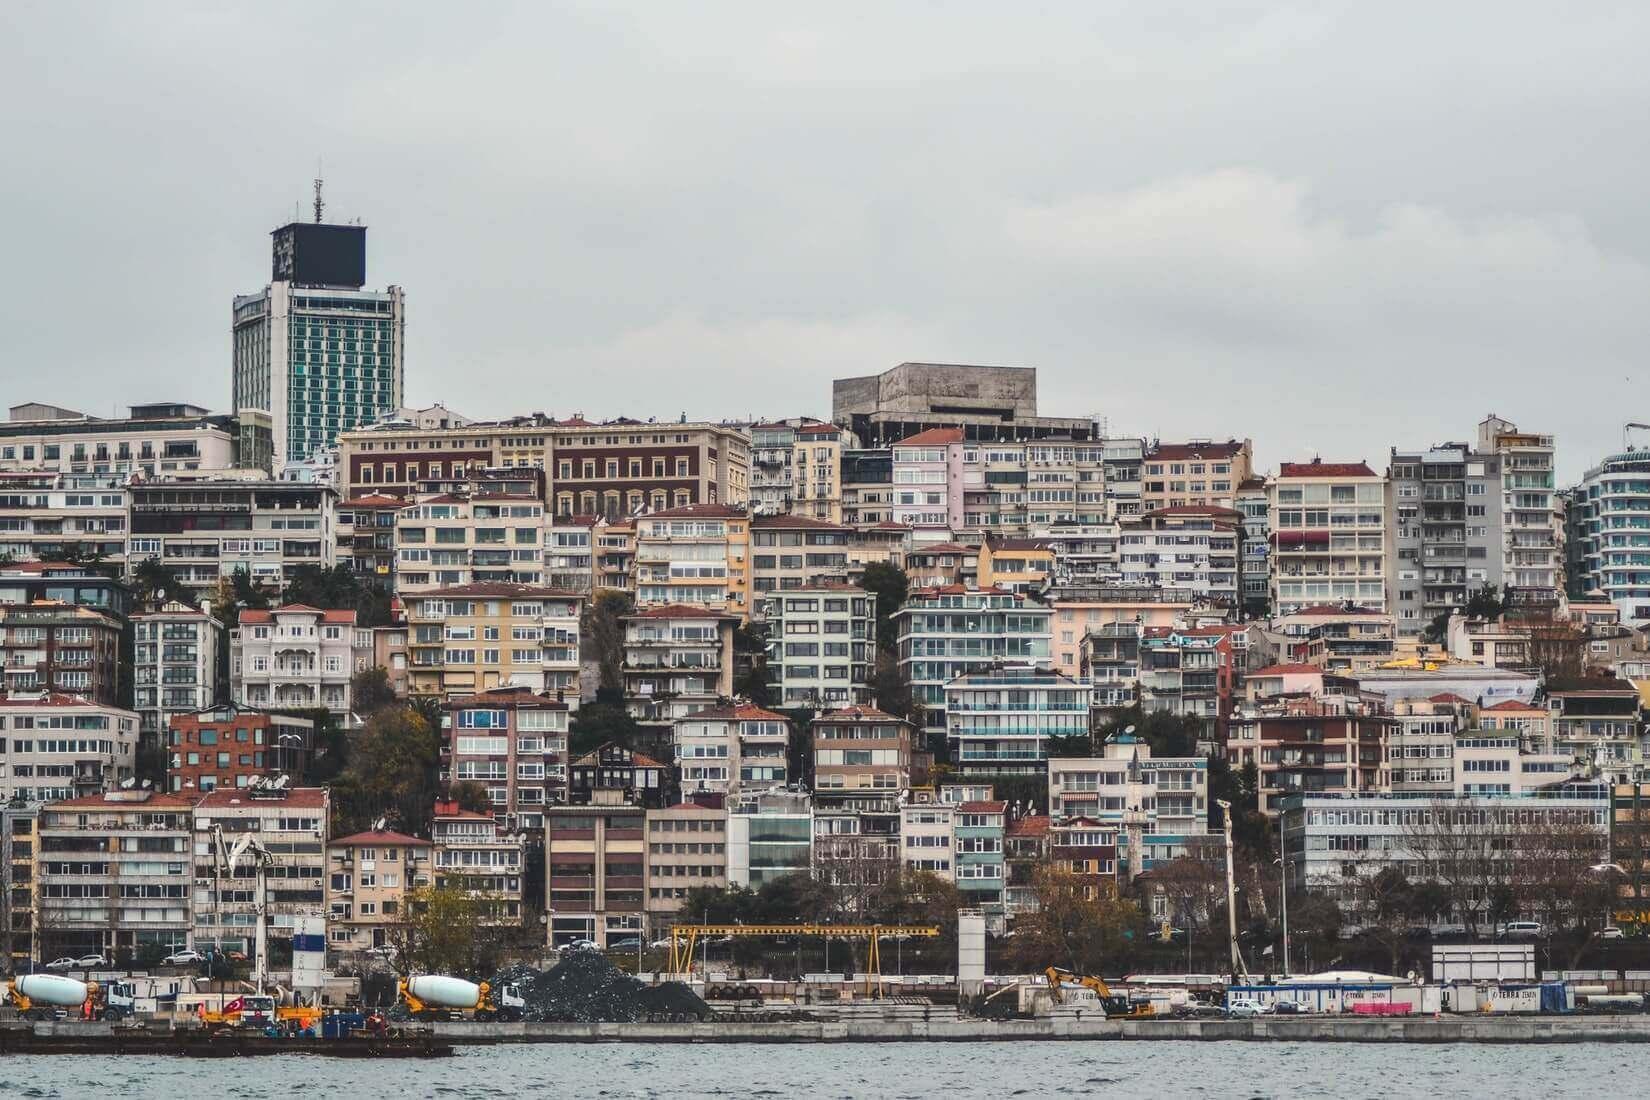 Рассказываем о районах Стамбула за 1 минуту